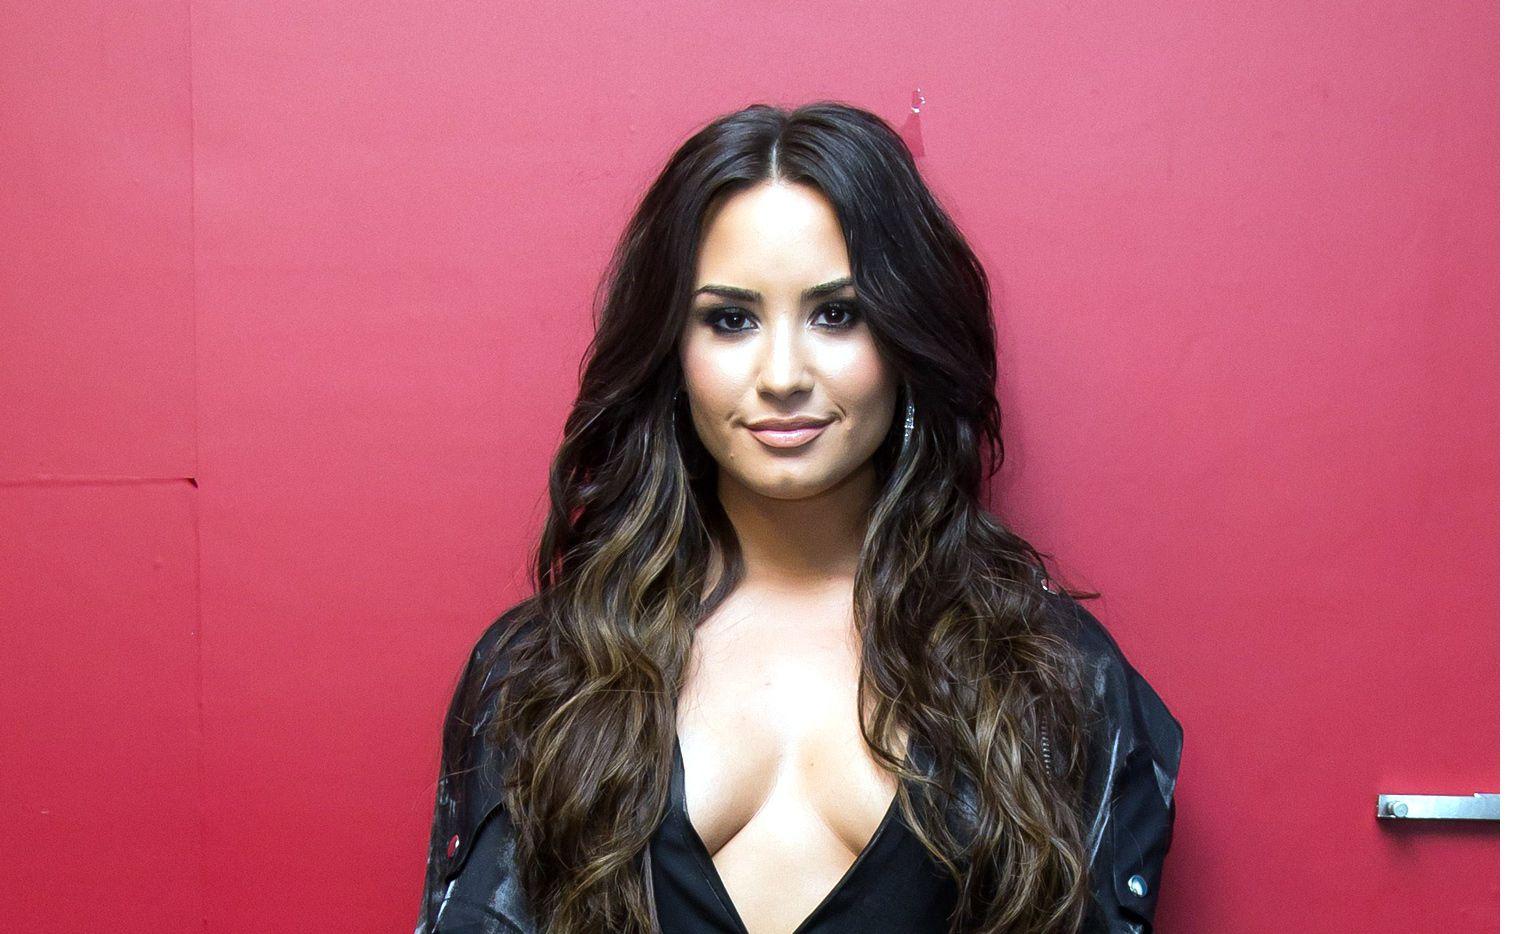 Demi Lovato tenía planeado ofrecer hoy un concierto en la Arena Ciudad de México, el cual finalmente fue cancelado, al igual que su show en Monterrey toda su gira por Sudamérica. AGENCIA REFORMA